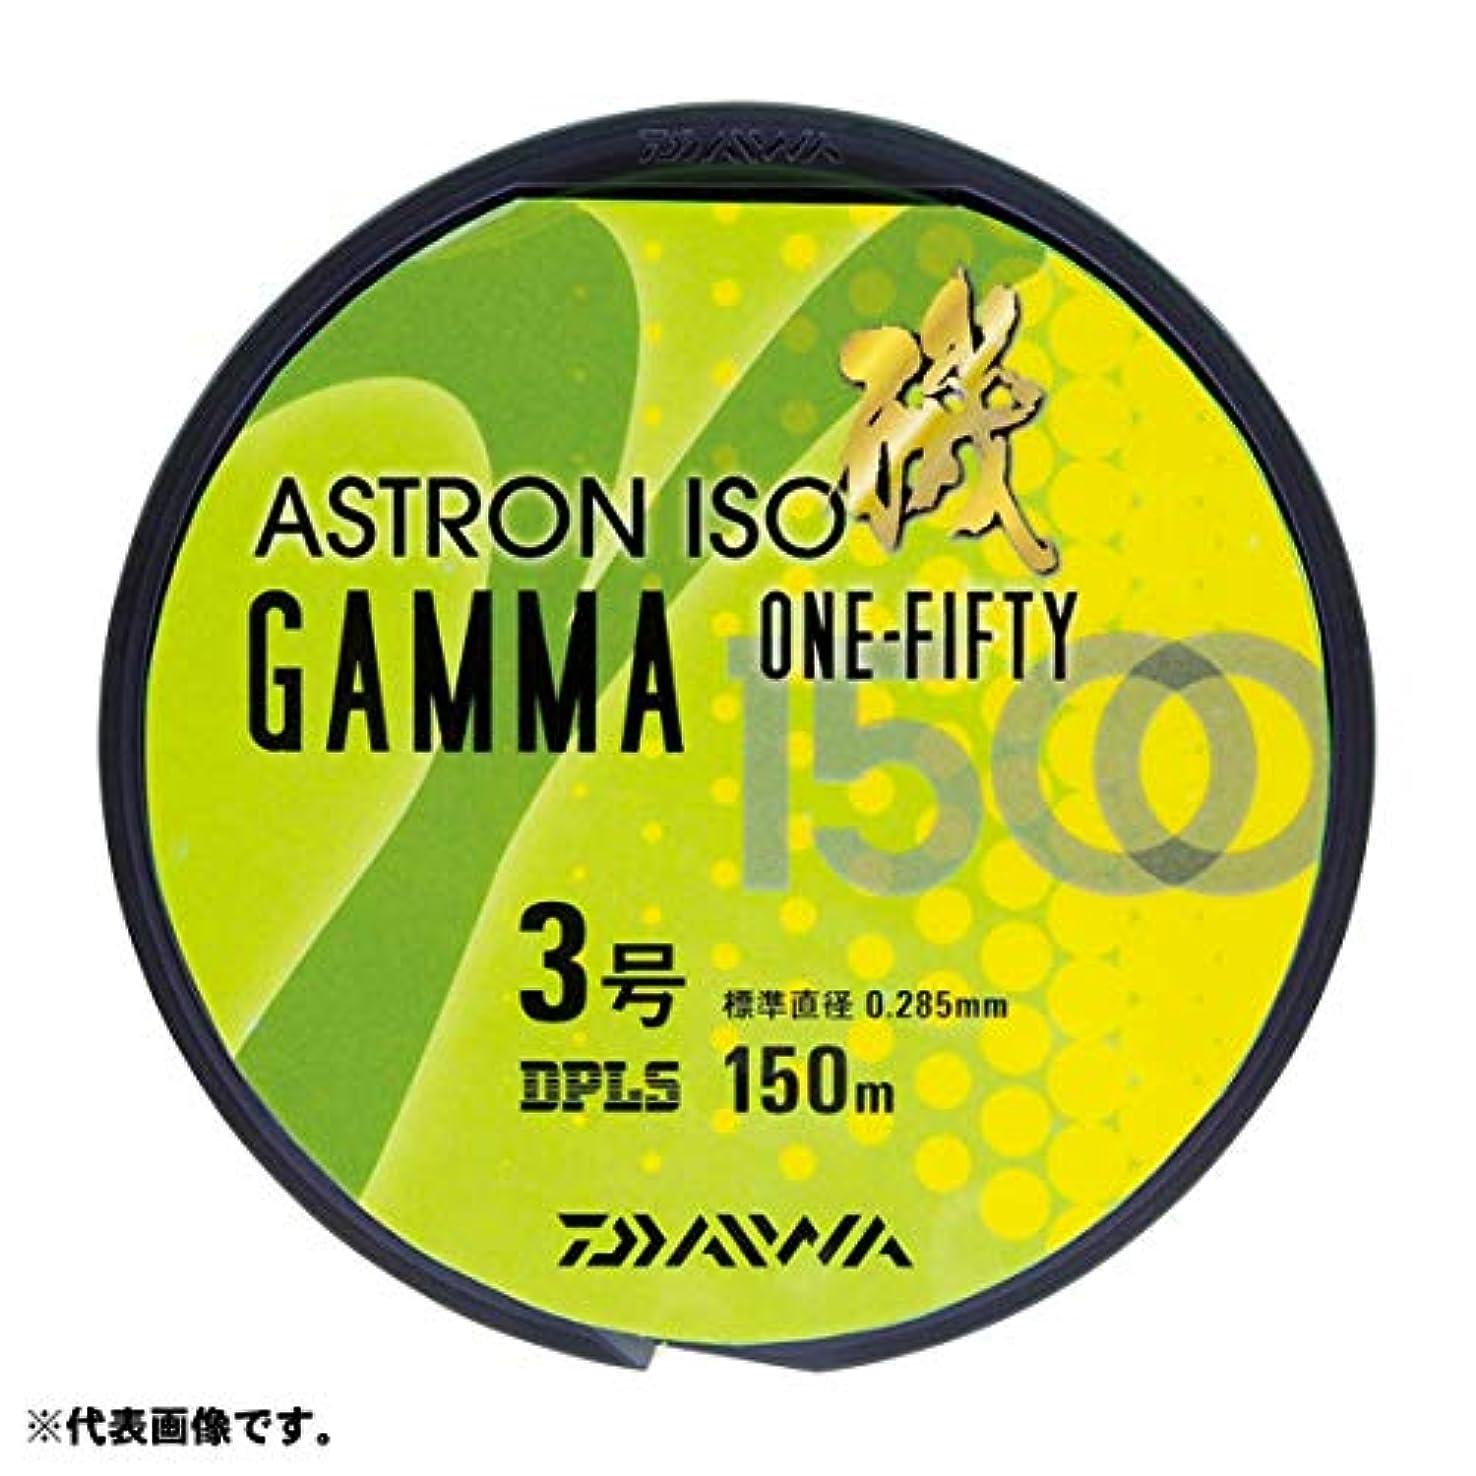 取るに足らない氷作りますダイワ(Daiwa) ナイロンライン アストロン磯ガンマ 1500 170m 2.5号 グリーン